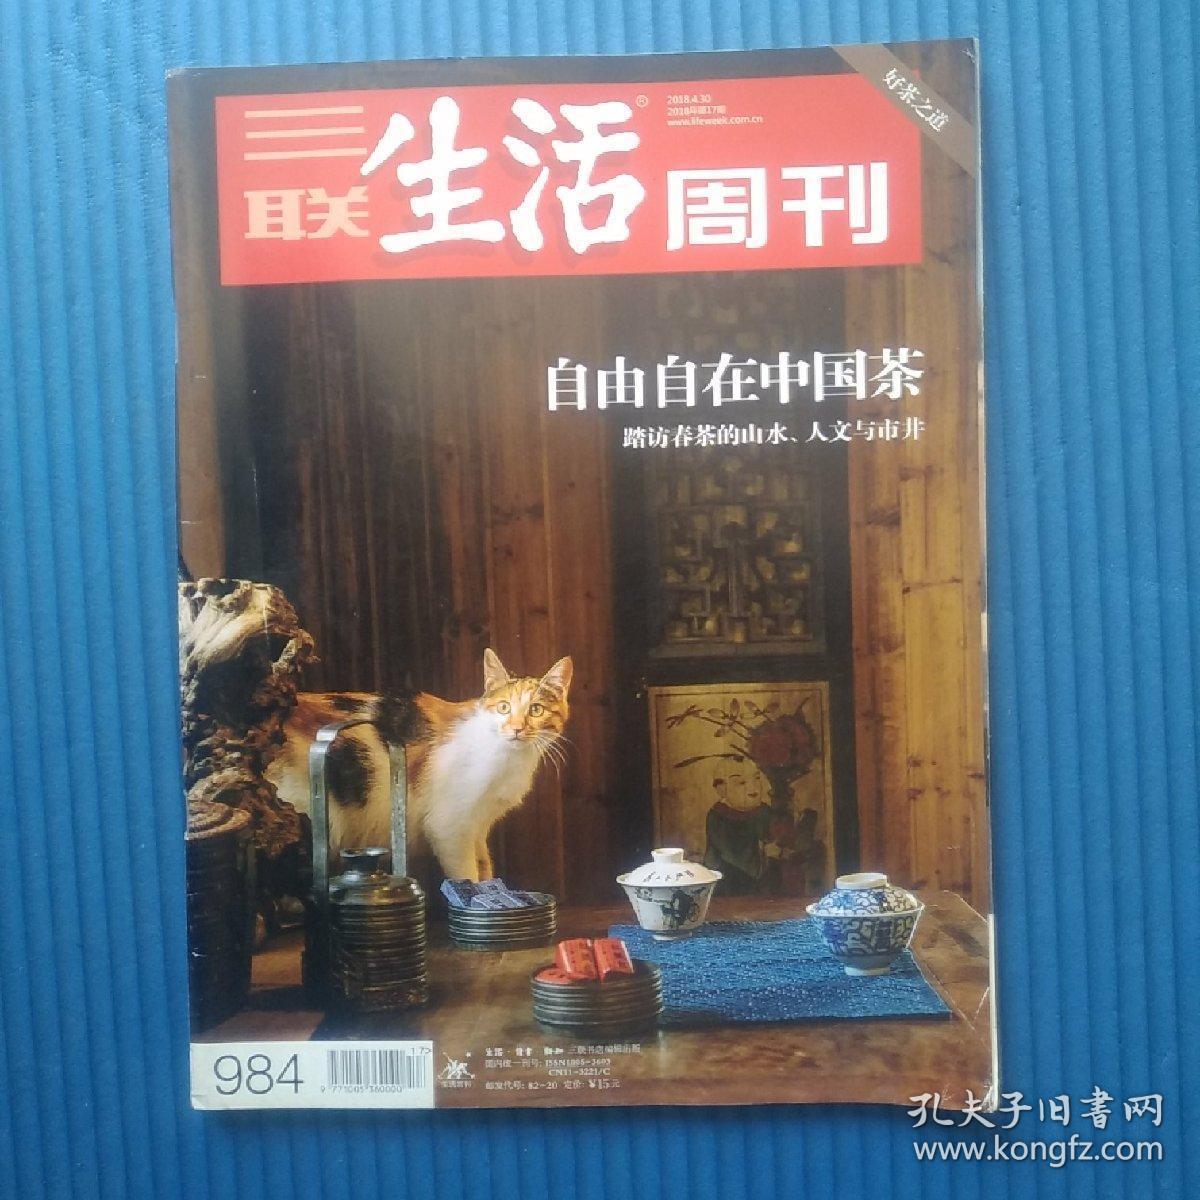 期刊杂志:三联生活周刊2018年第17期:自由自在中国茶:踏访春茶的山水、人文与市井